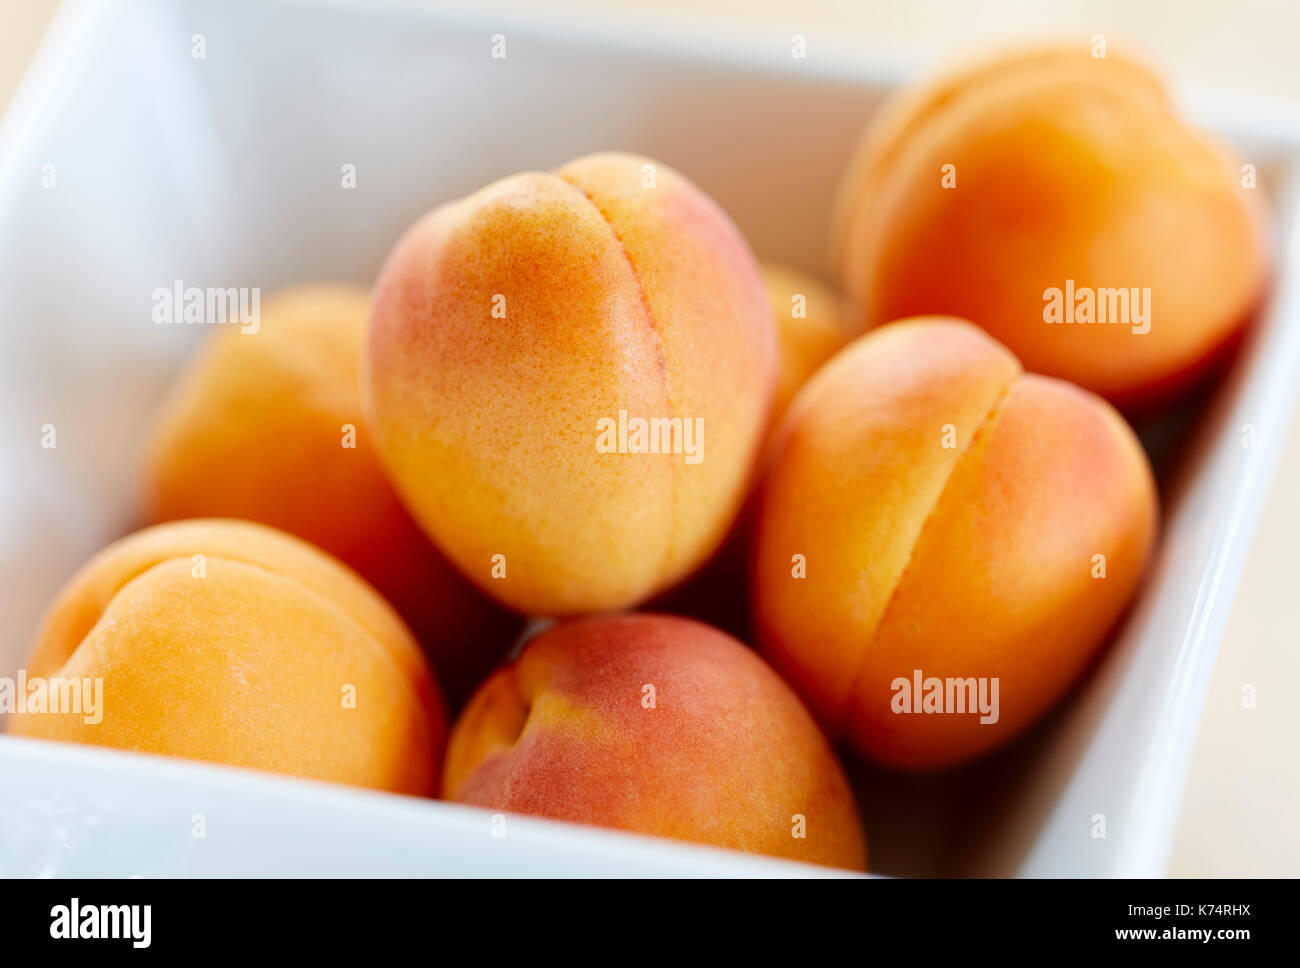 Abricots frais dans un plat blanc Photo Stock